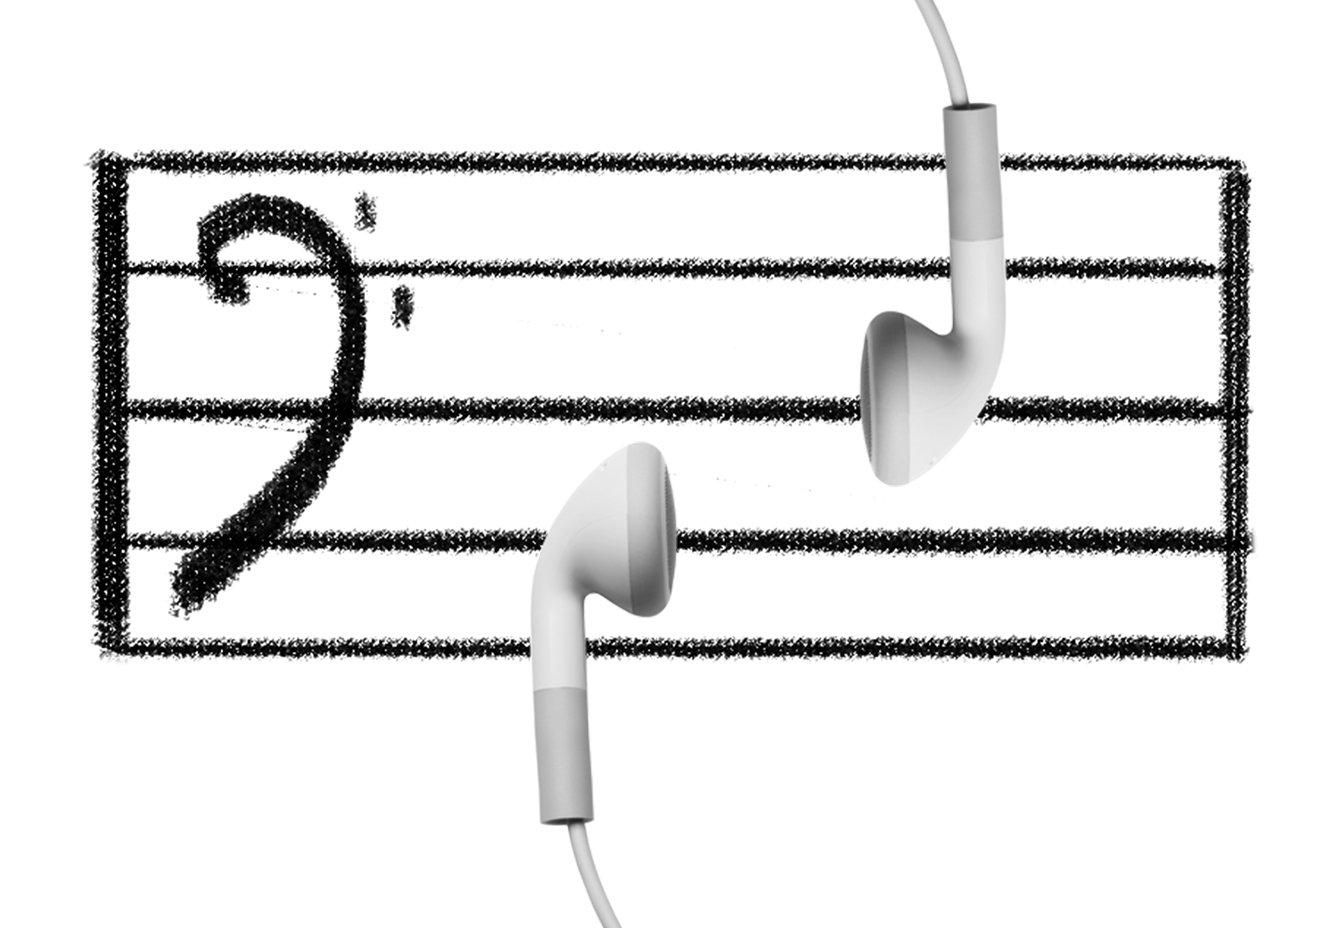 música, arterial, pesquisa, remédios, Unesp, efeitos, hipertensão, Paulista, Estadual, mostra, intensificar, escutar, hábito, ajuda, controle, desenvolvida, Associar, Universidade